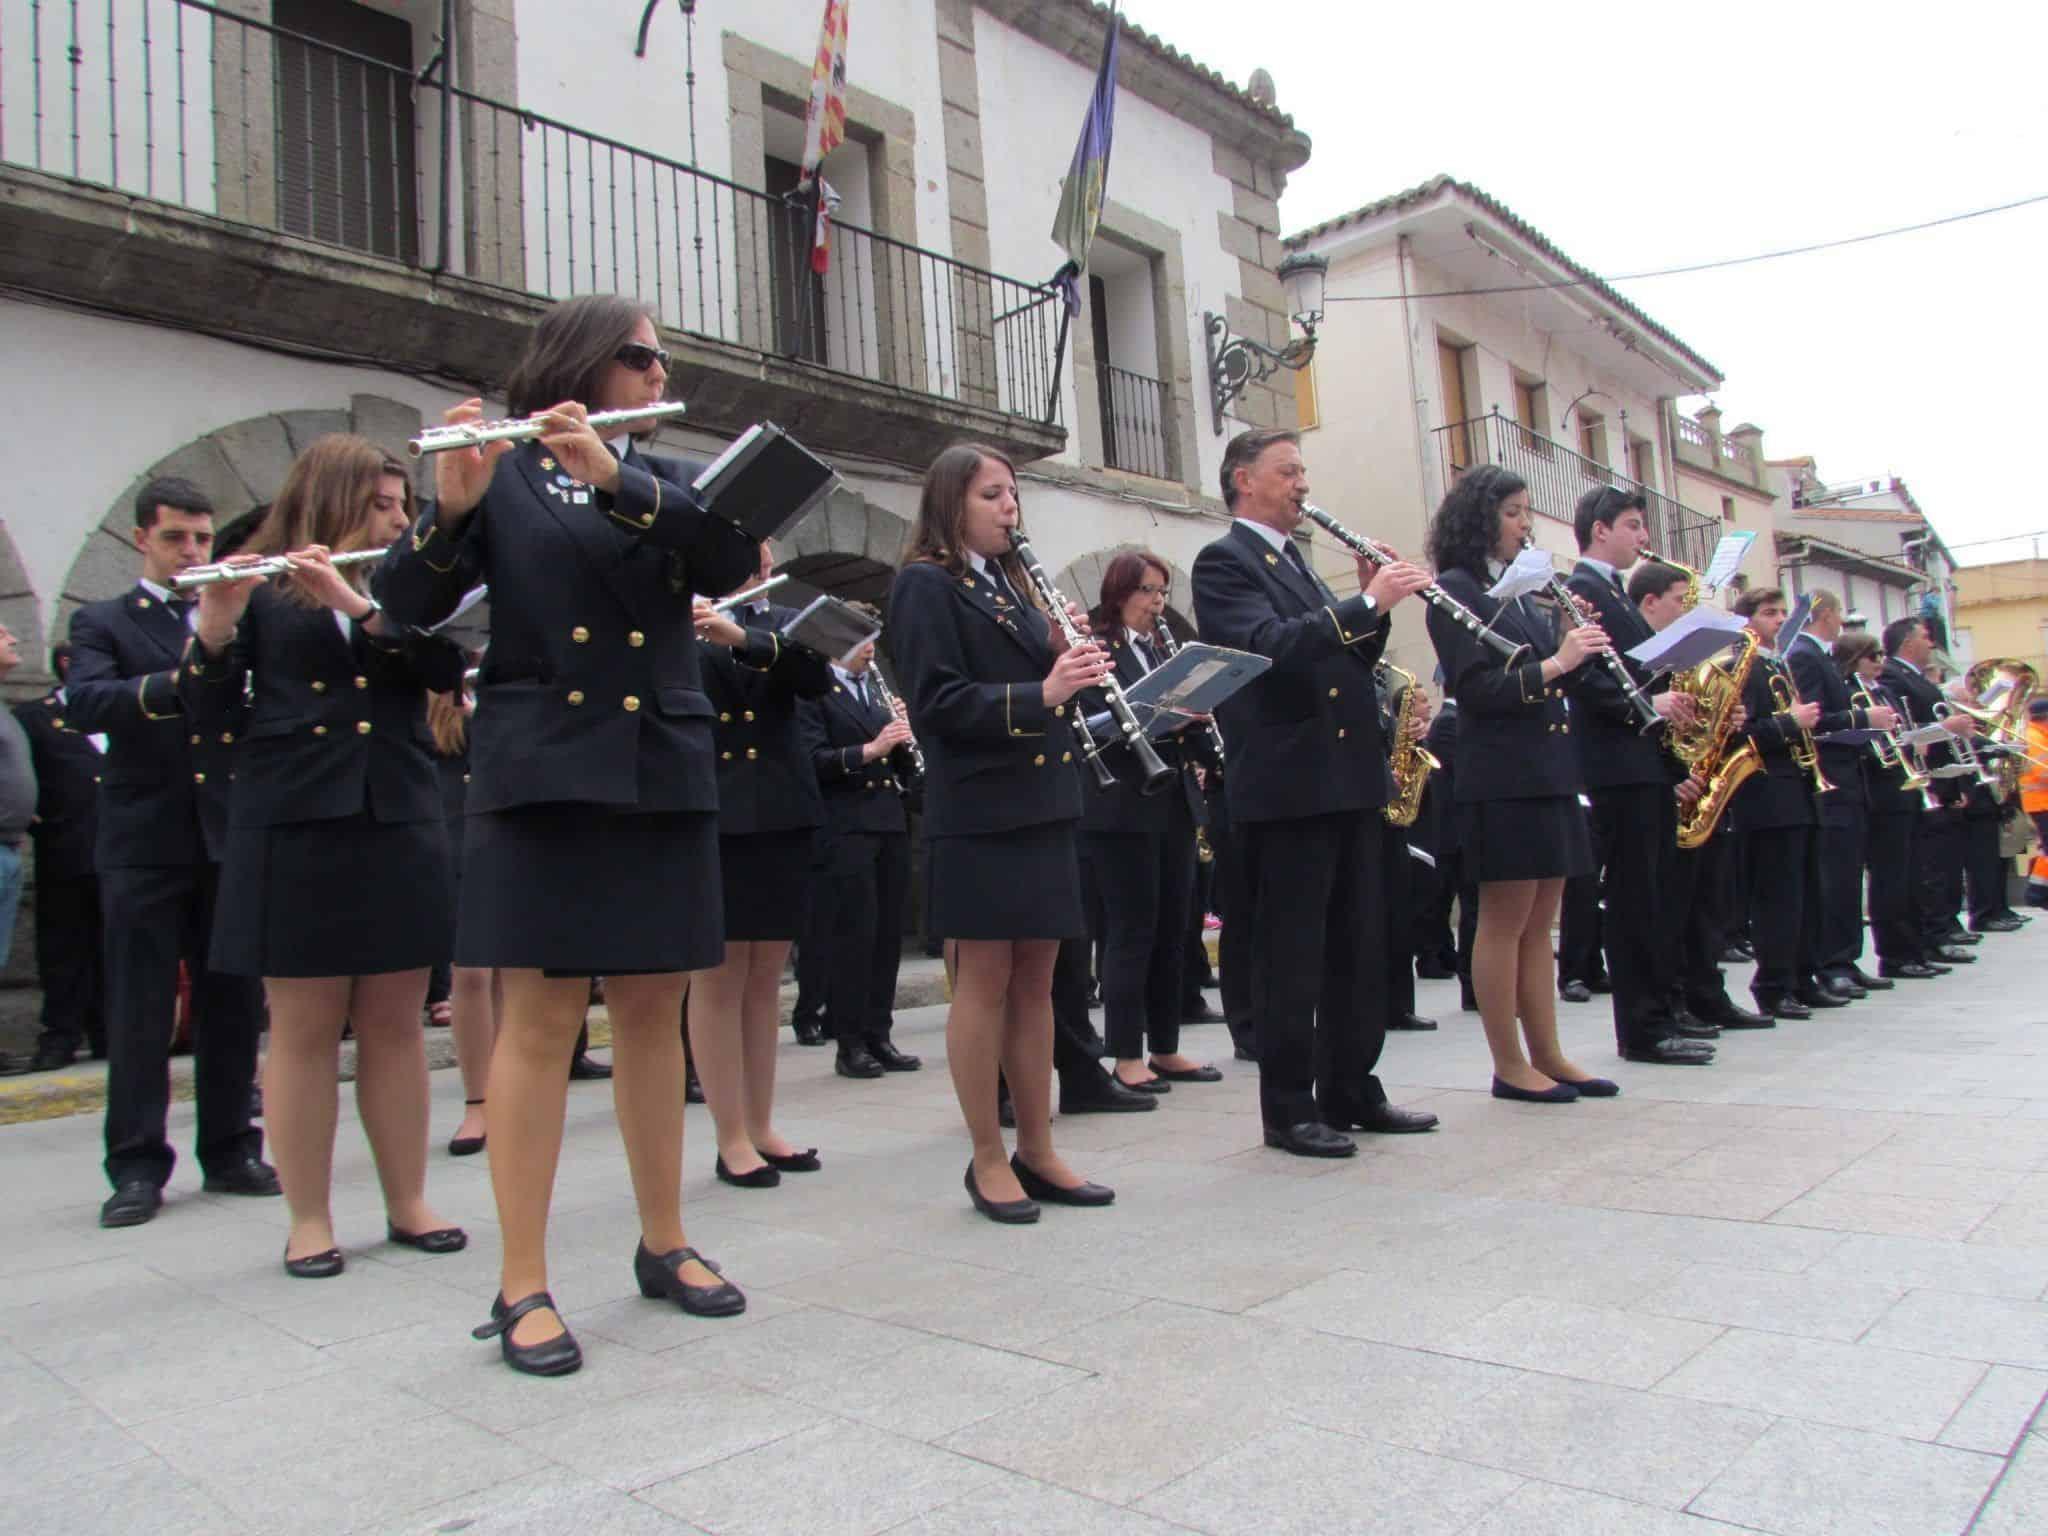 Conciertos de música en El Alberche